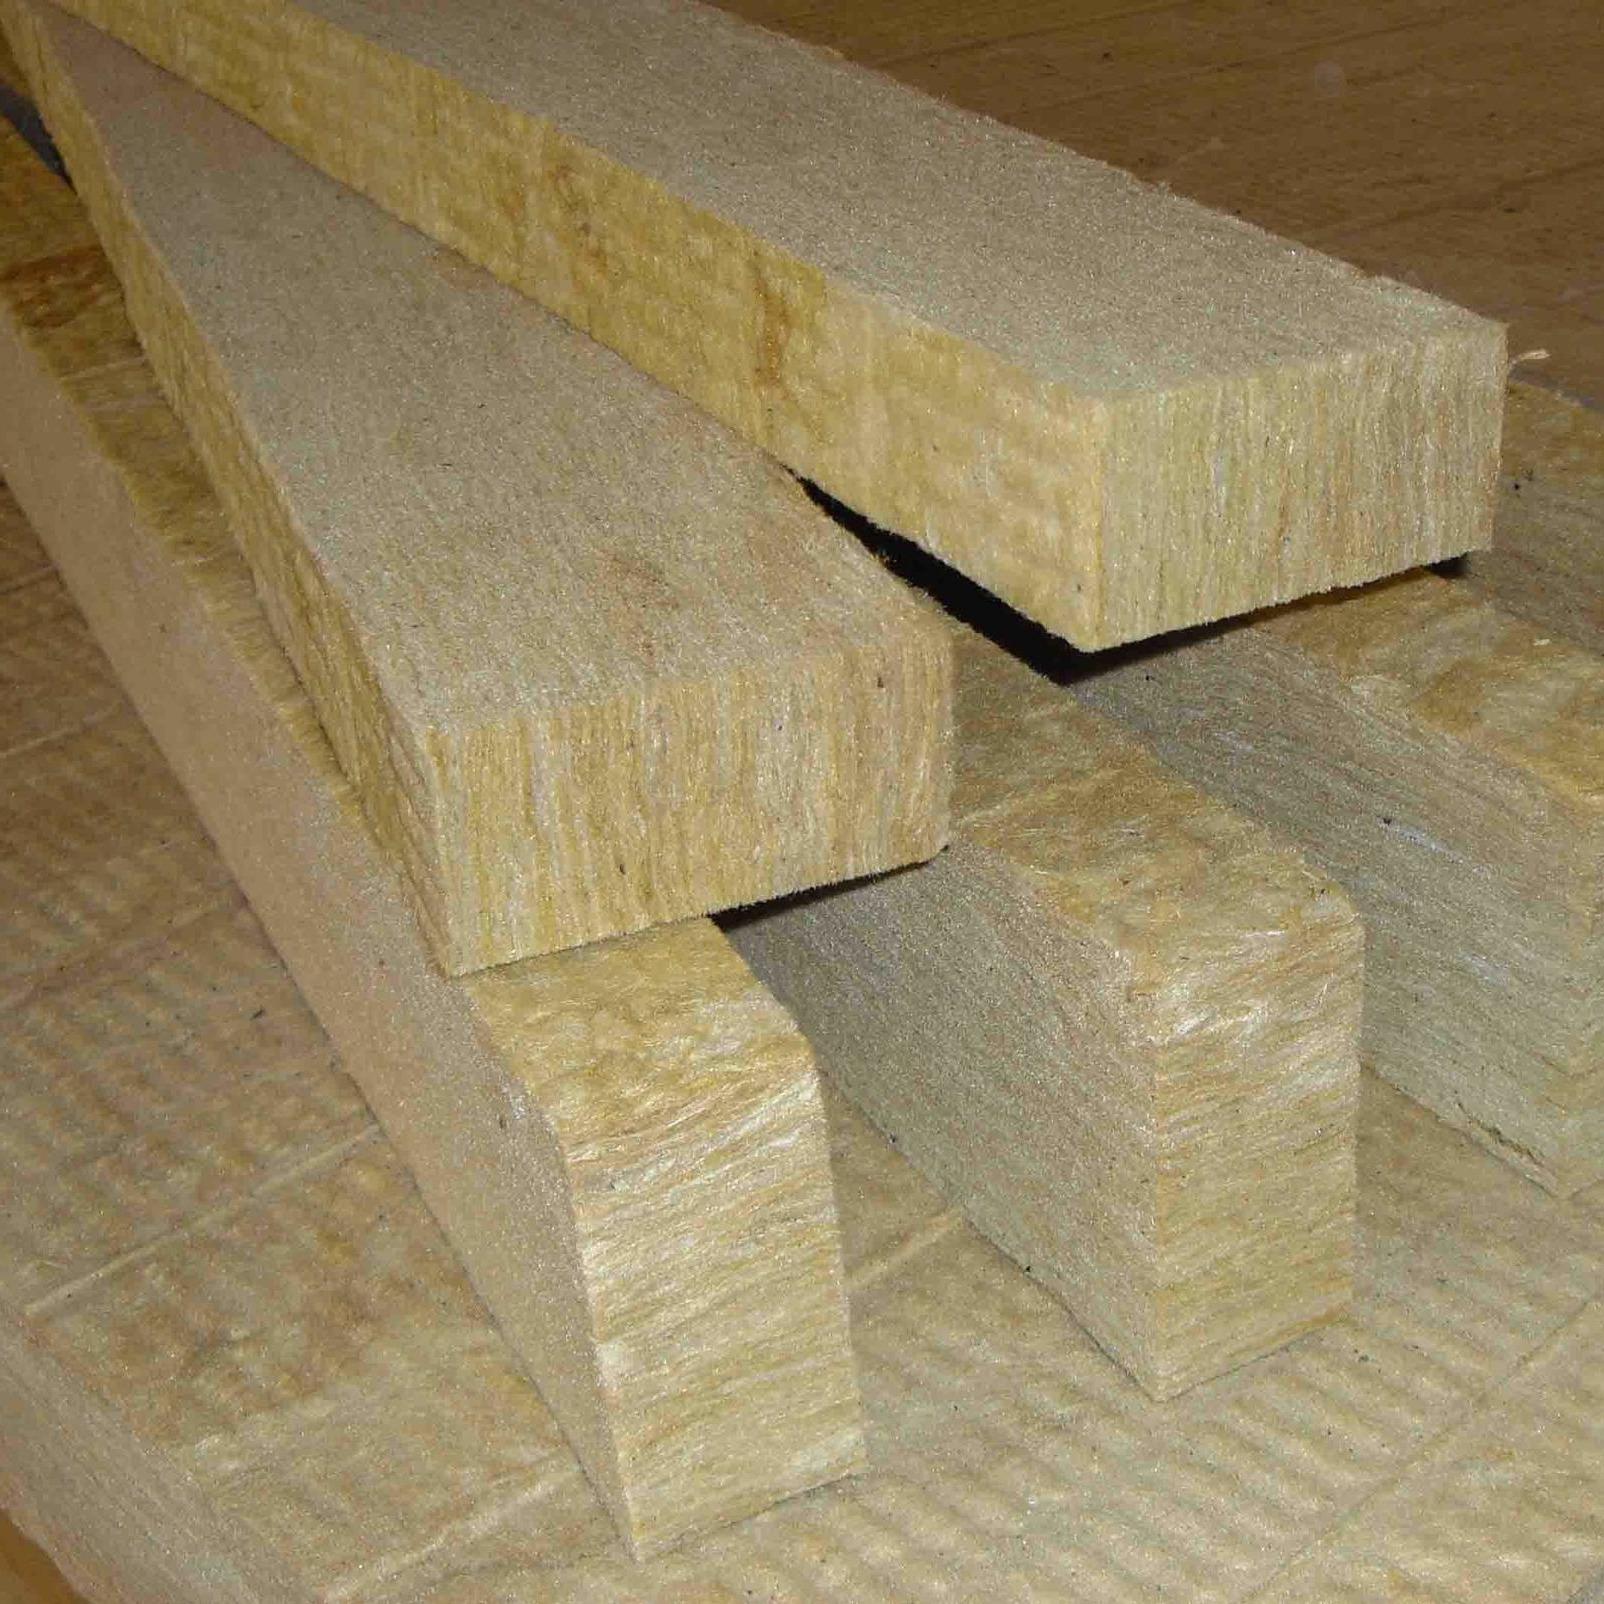 金星建材外墙高密度岩棉板憎水防火岩棉保温板厂家直销